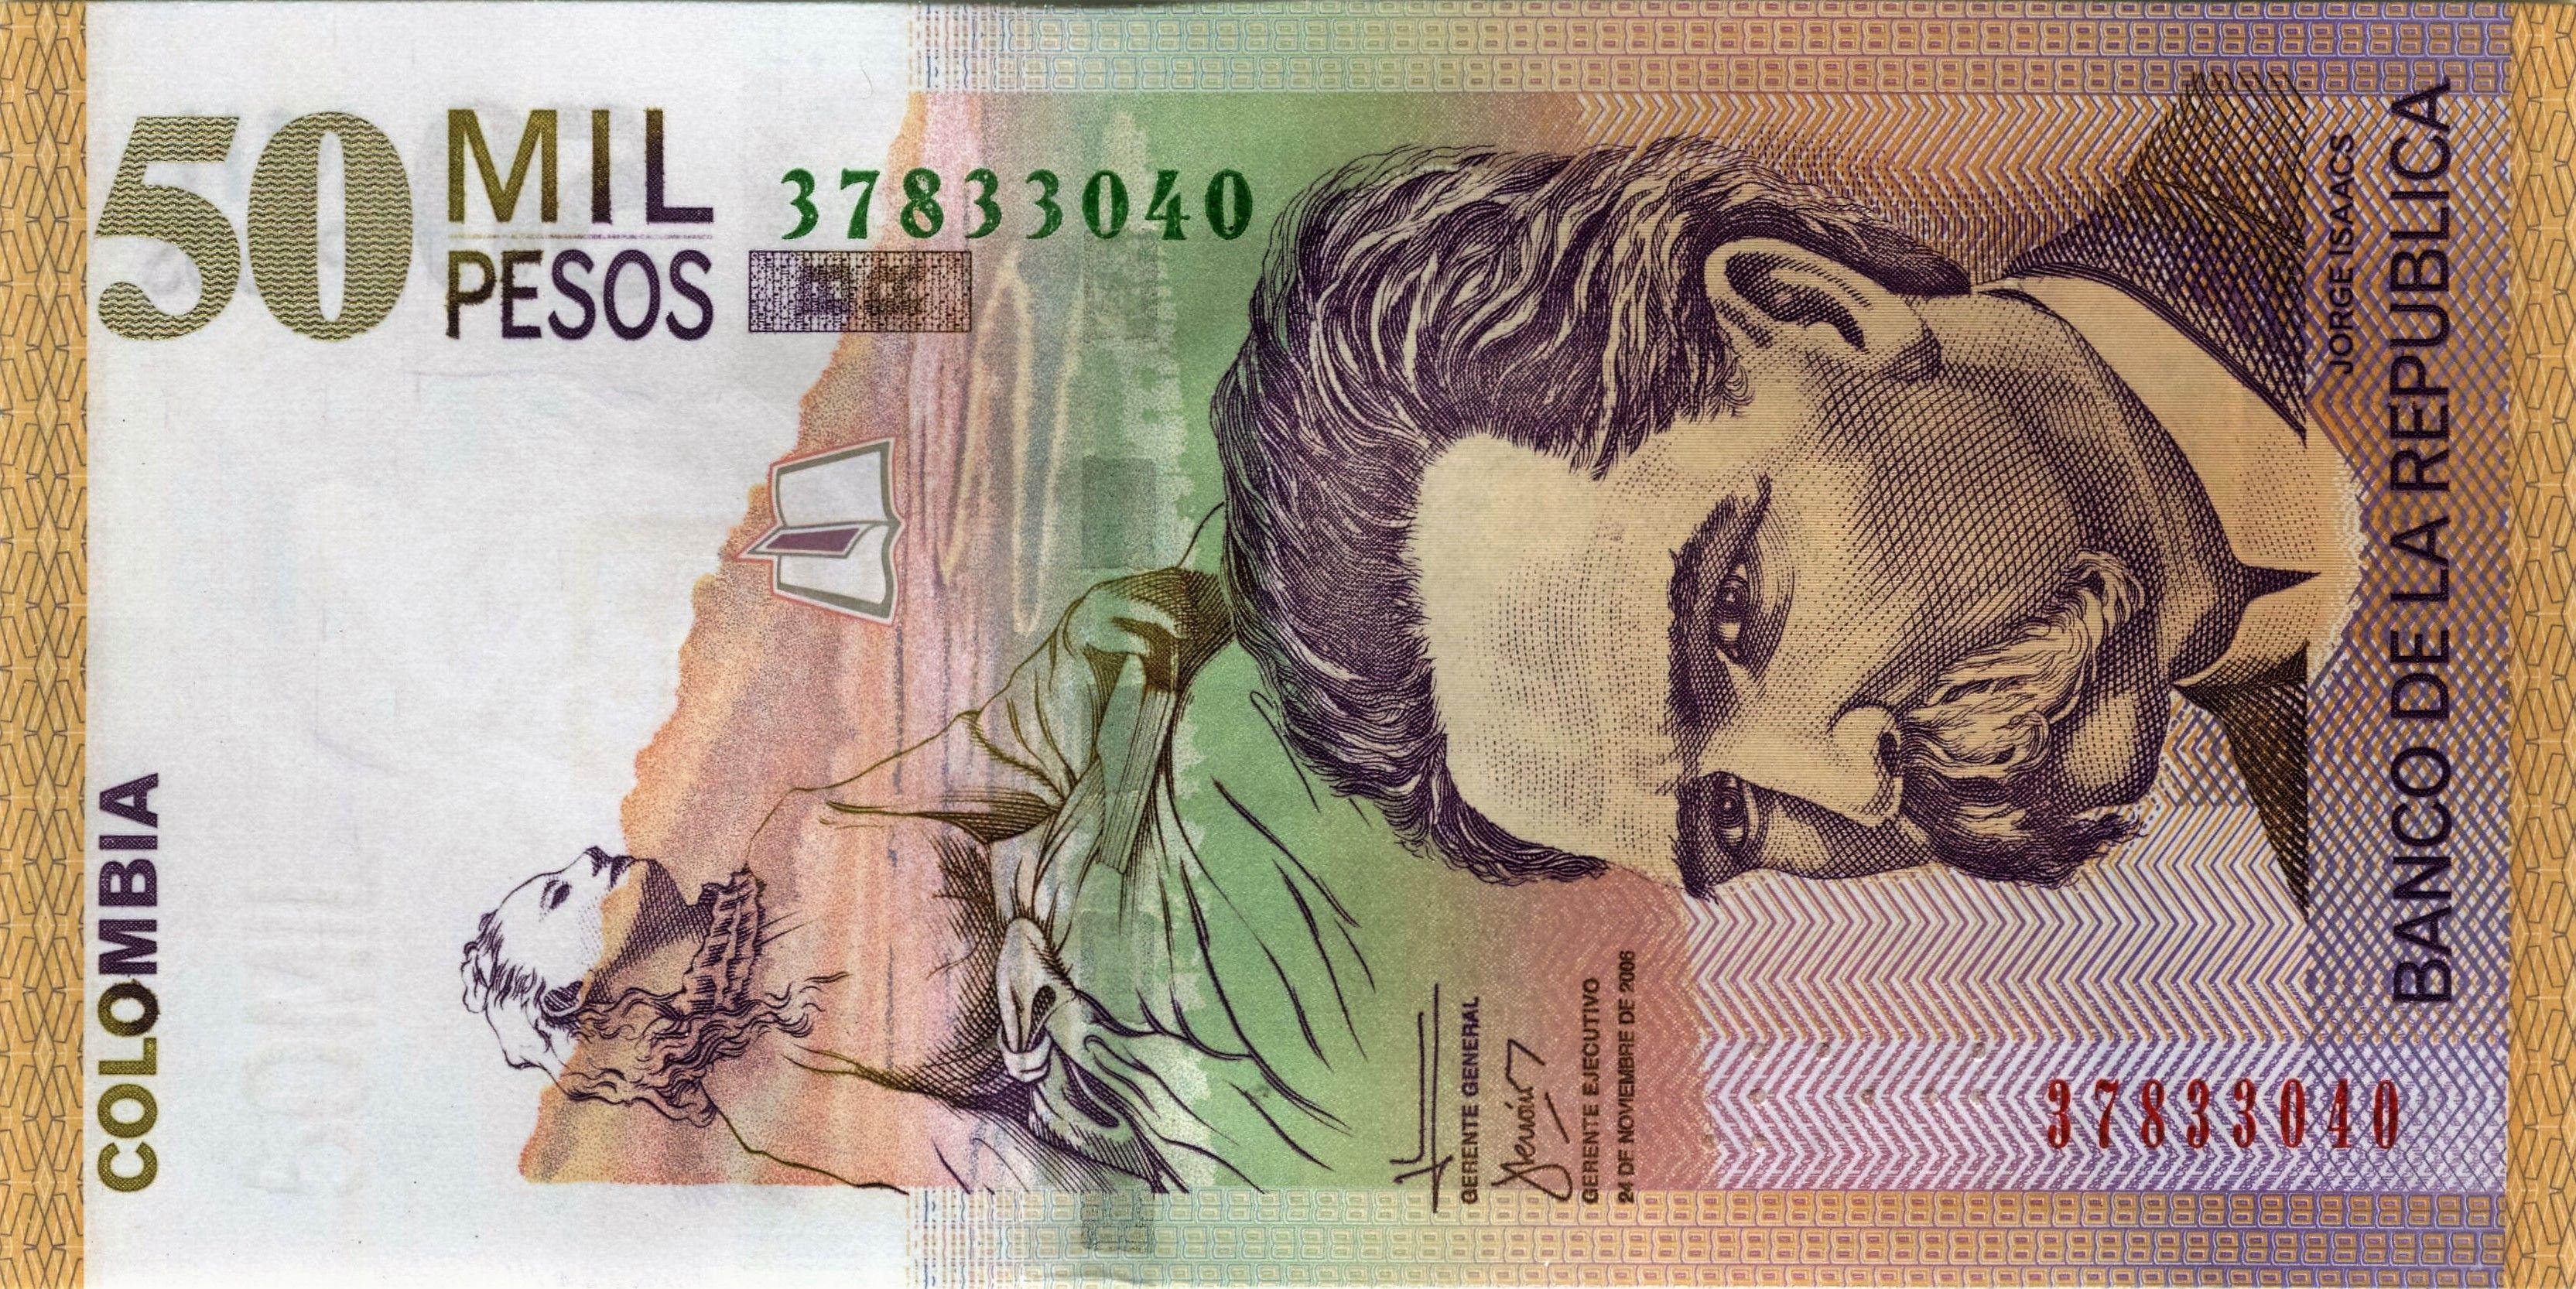 Billete de 50.000 pesos colombianos. Efigie del escritor Jorge Isaacs.